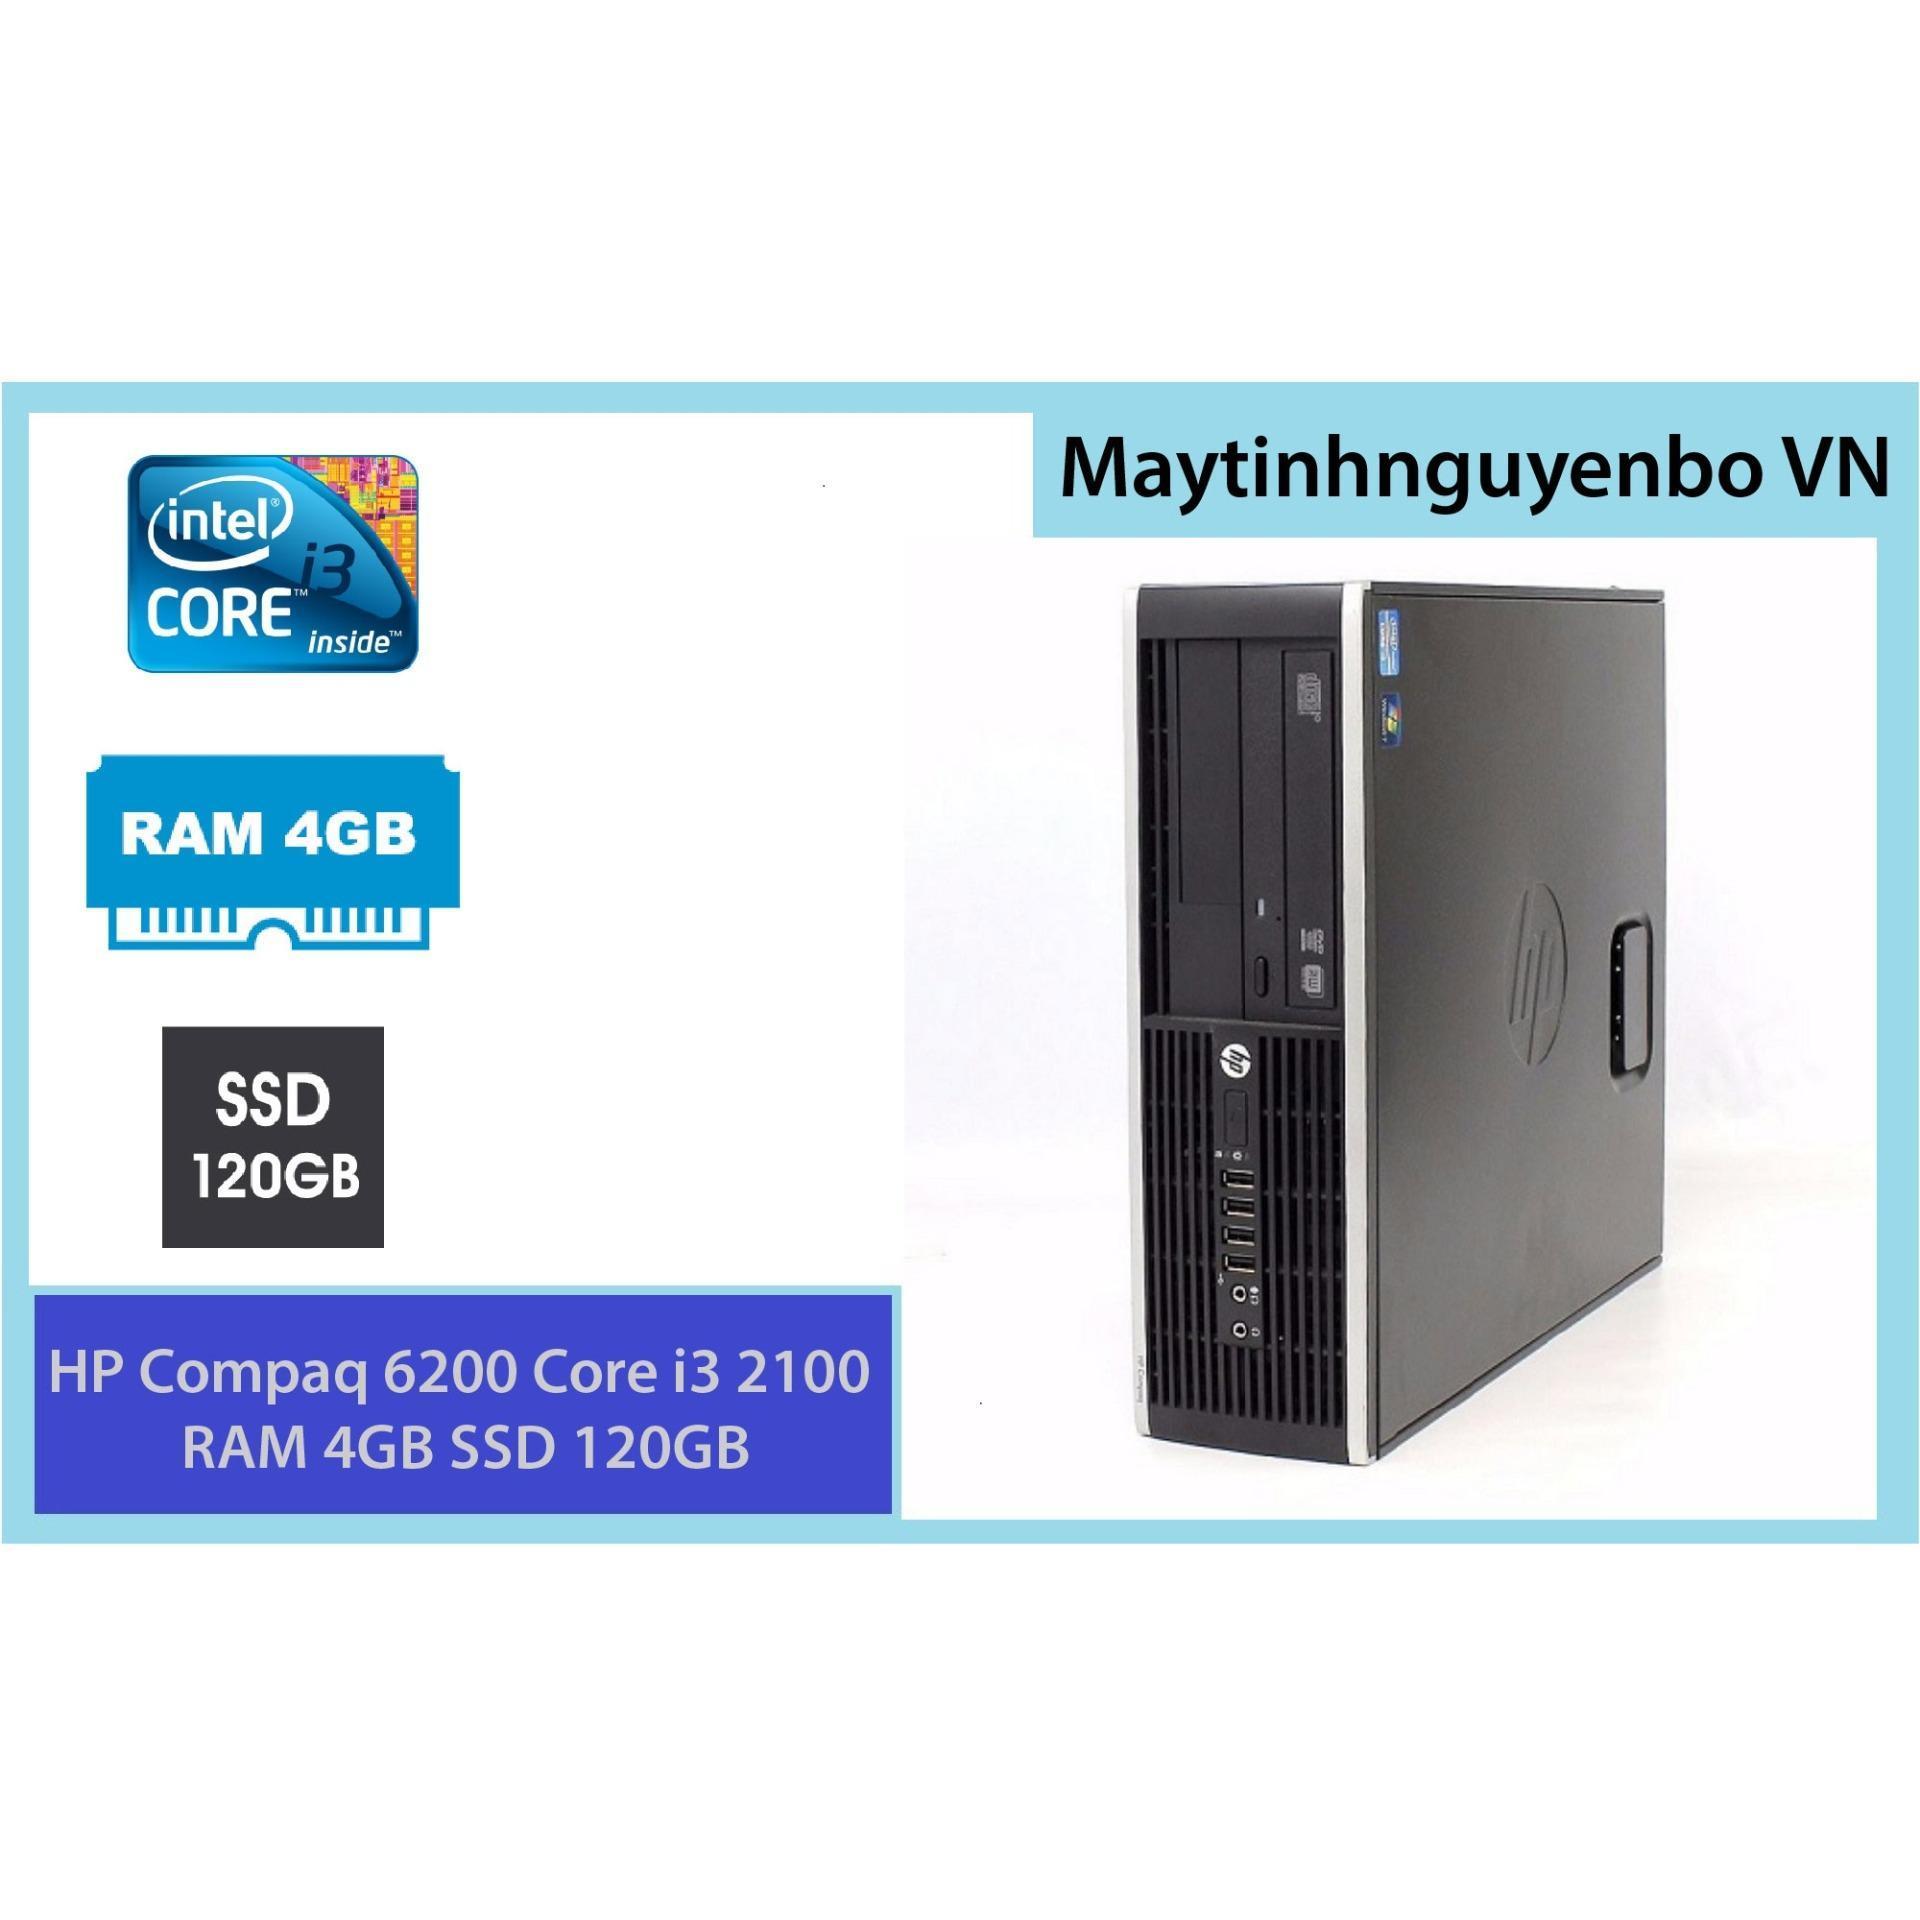 Máy tính đồng bộ HP Compaq 6200 Core i3 2100 RAM 4GB SSD 120GB